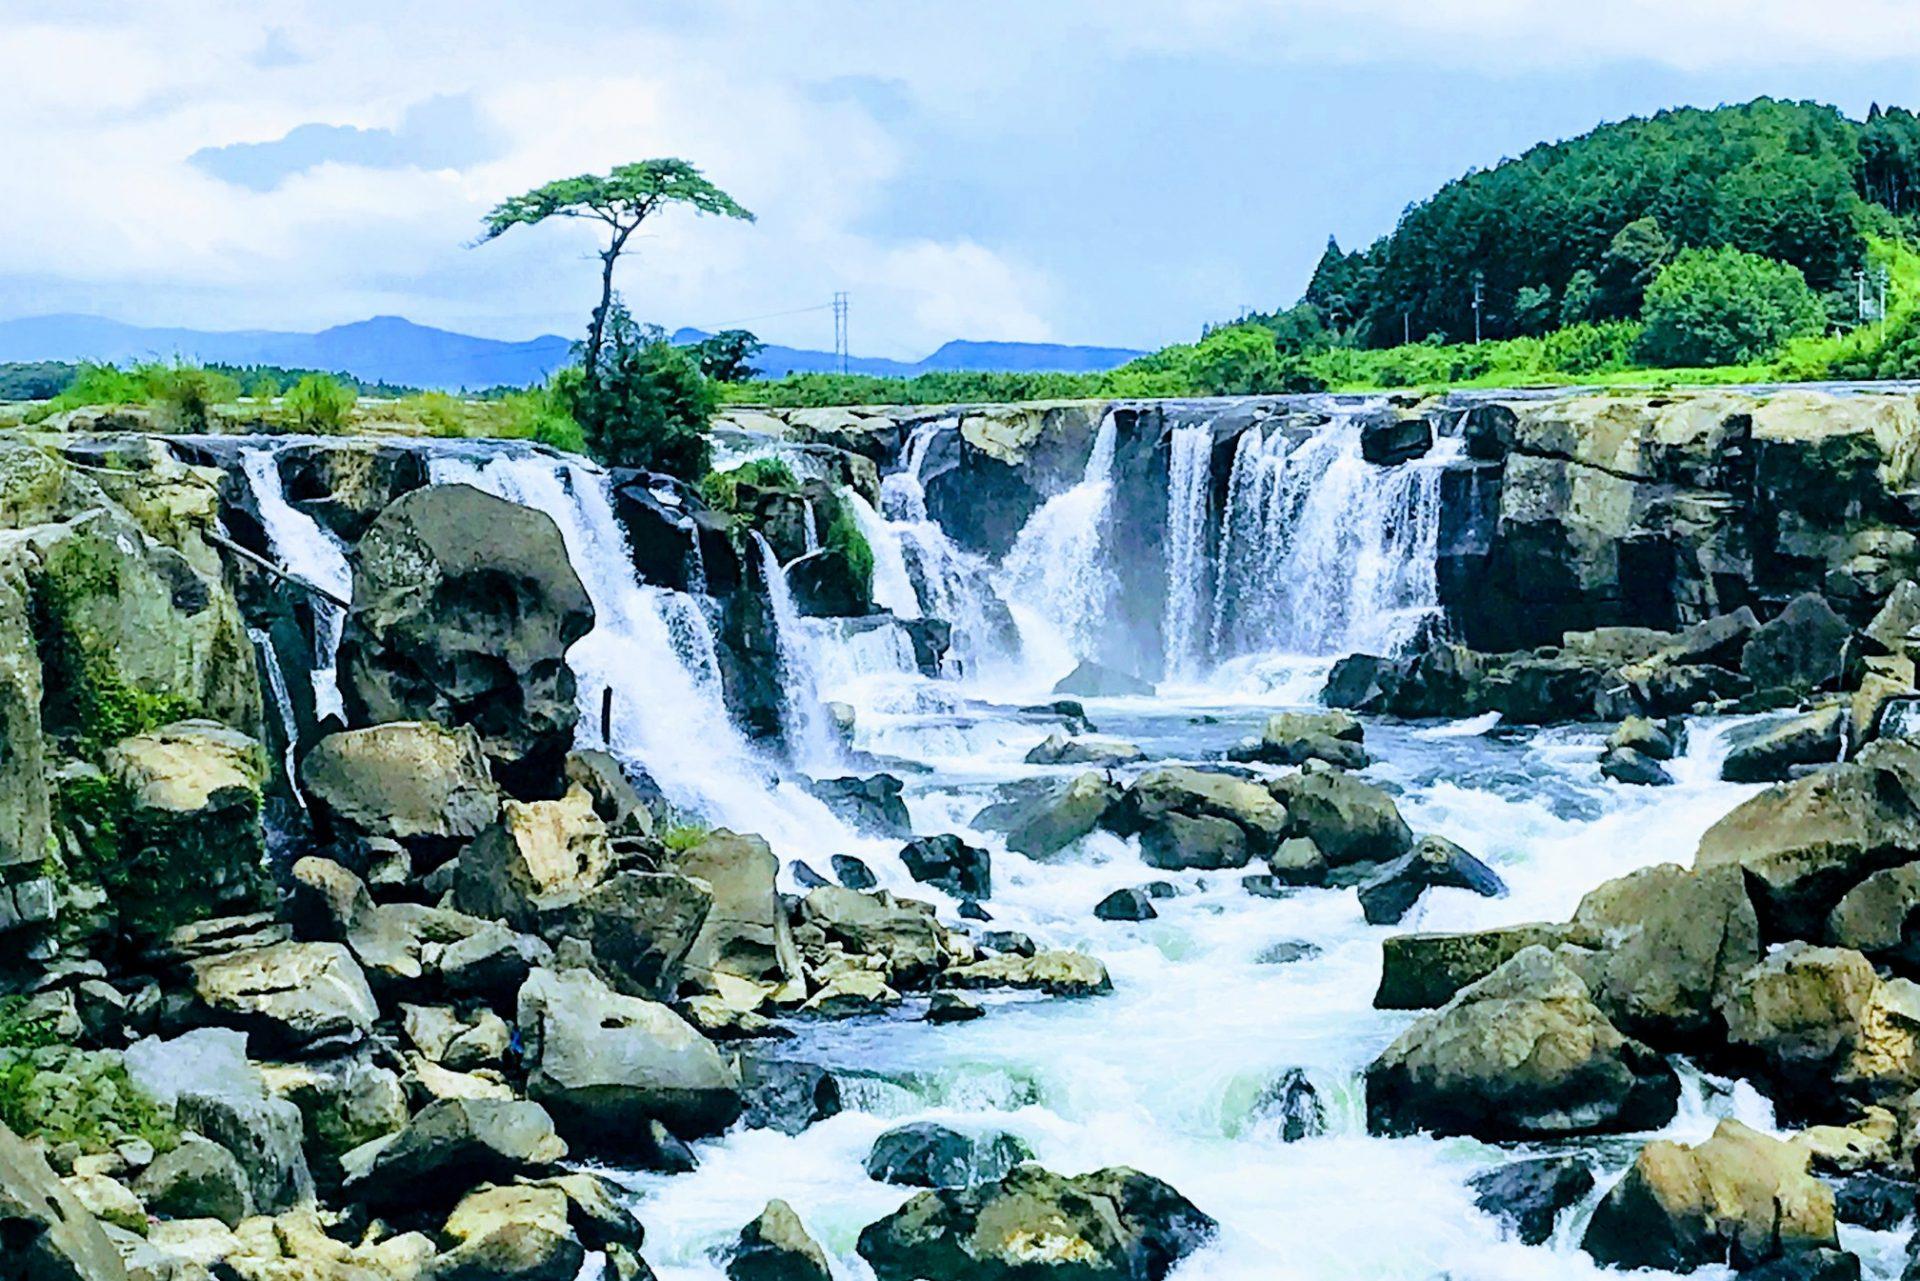 ドクロ岩 東洋のナイアガラ 曽木の滝 伊佐市 川内川 曽木の滝公園